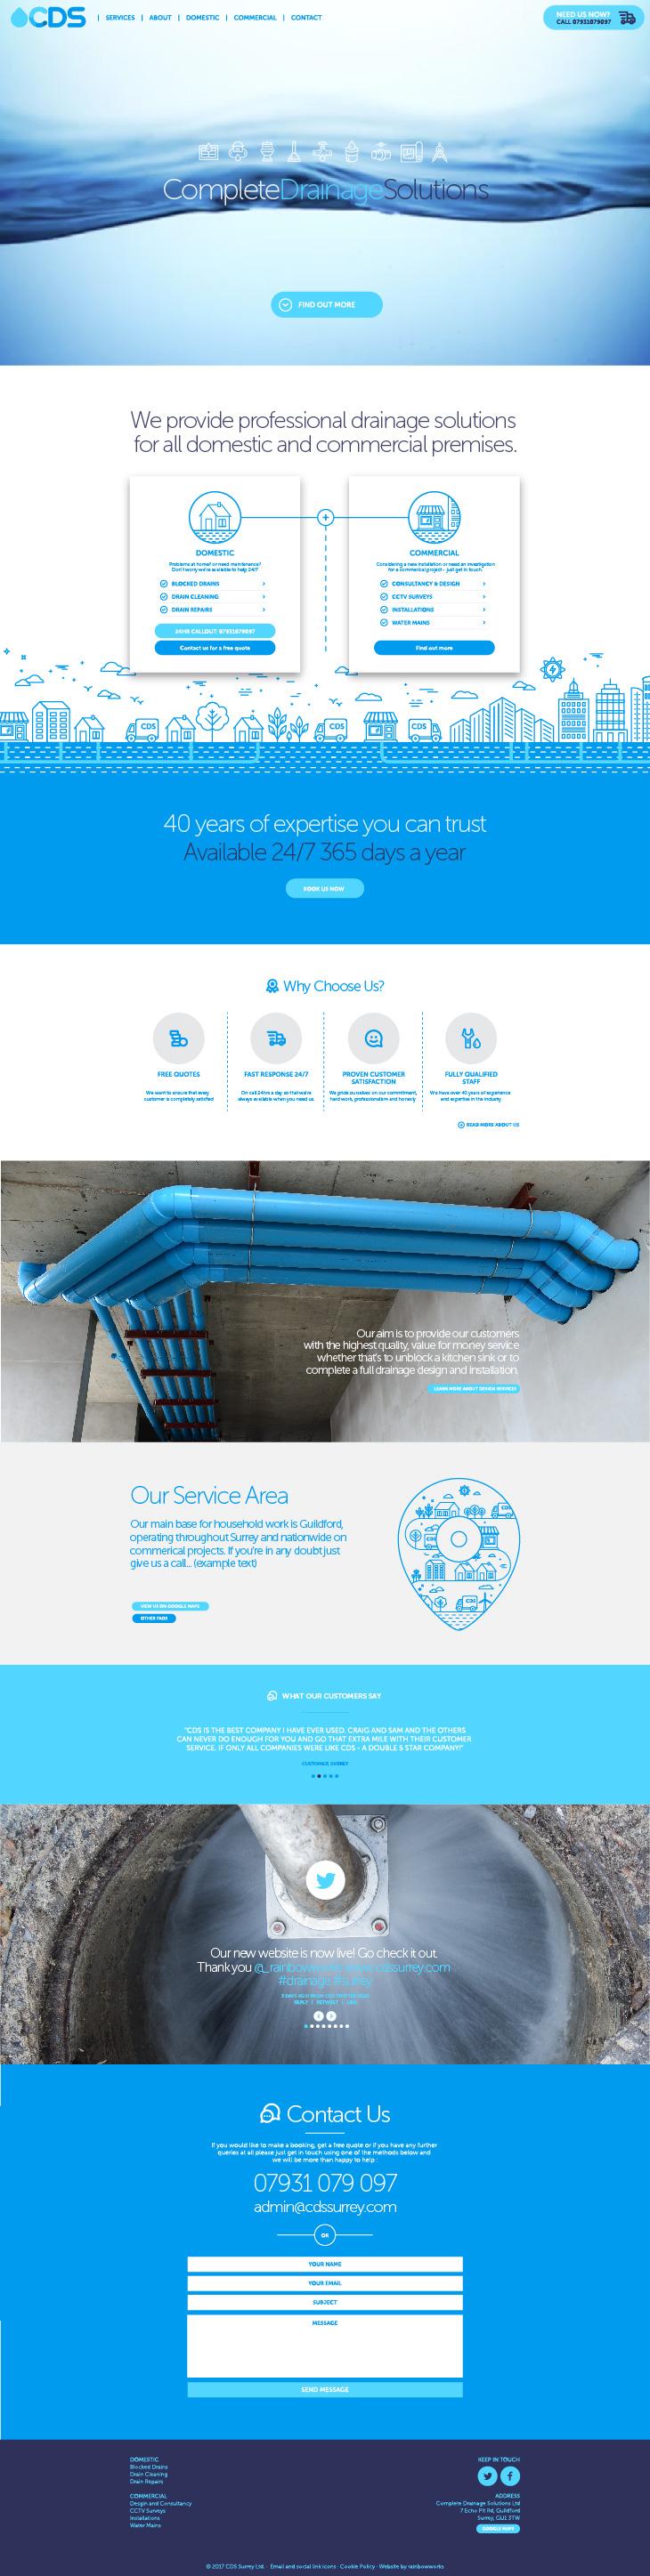 Website home page - drainage company